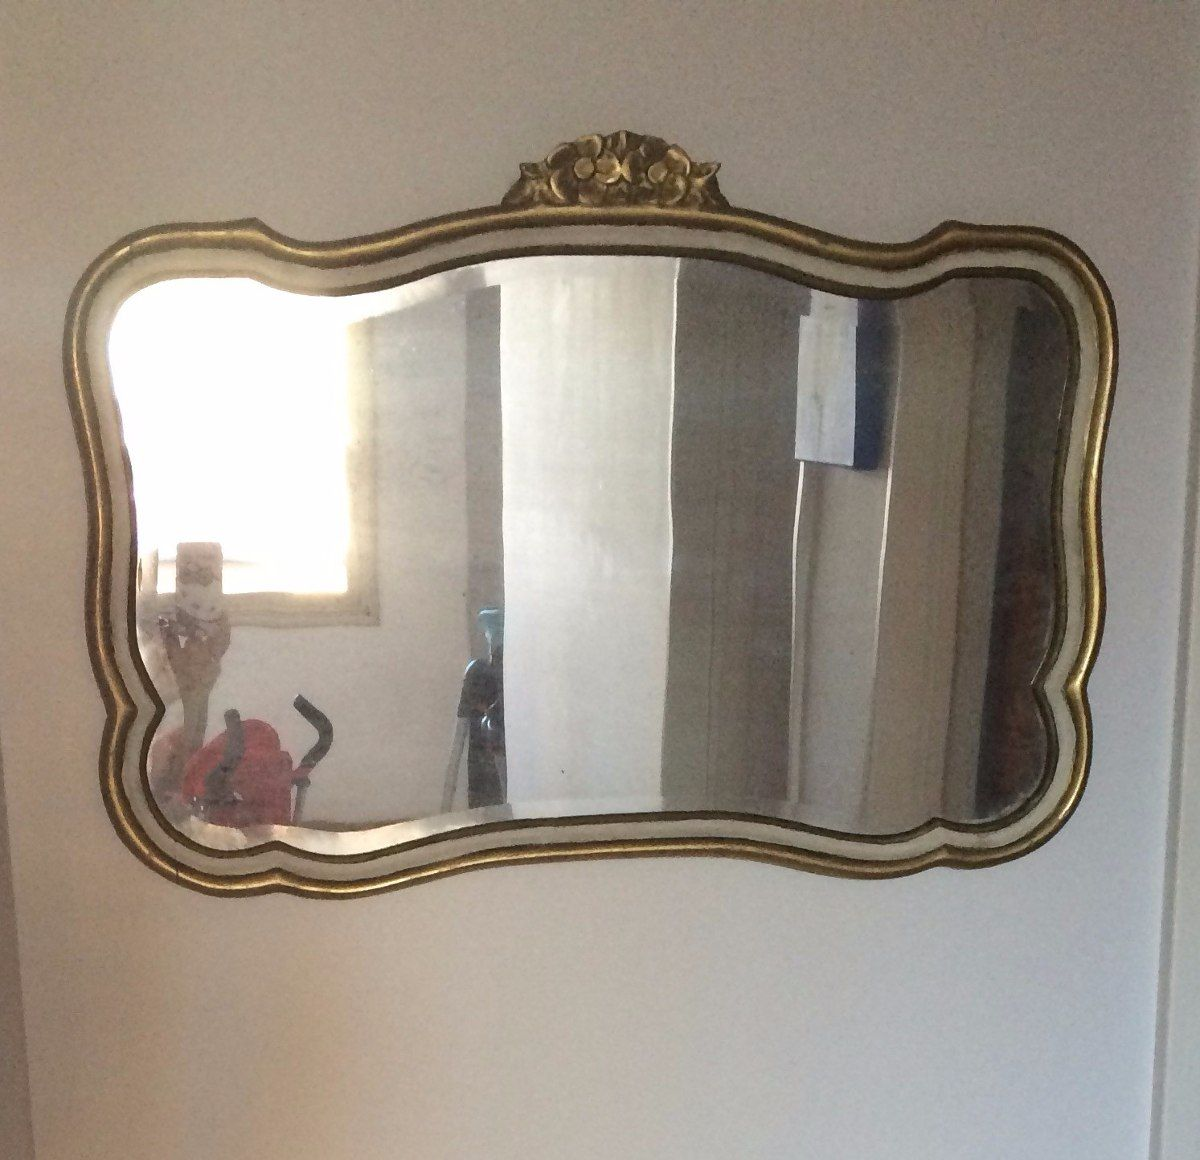 Arte Y Antigüedades Barockspiege Espejo De Pared En Repro Antiguo Barroco Estilo Moderno Oro Blanco Espejos